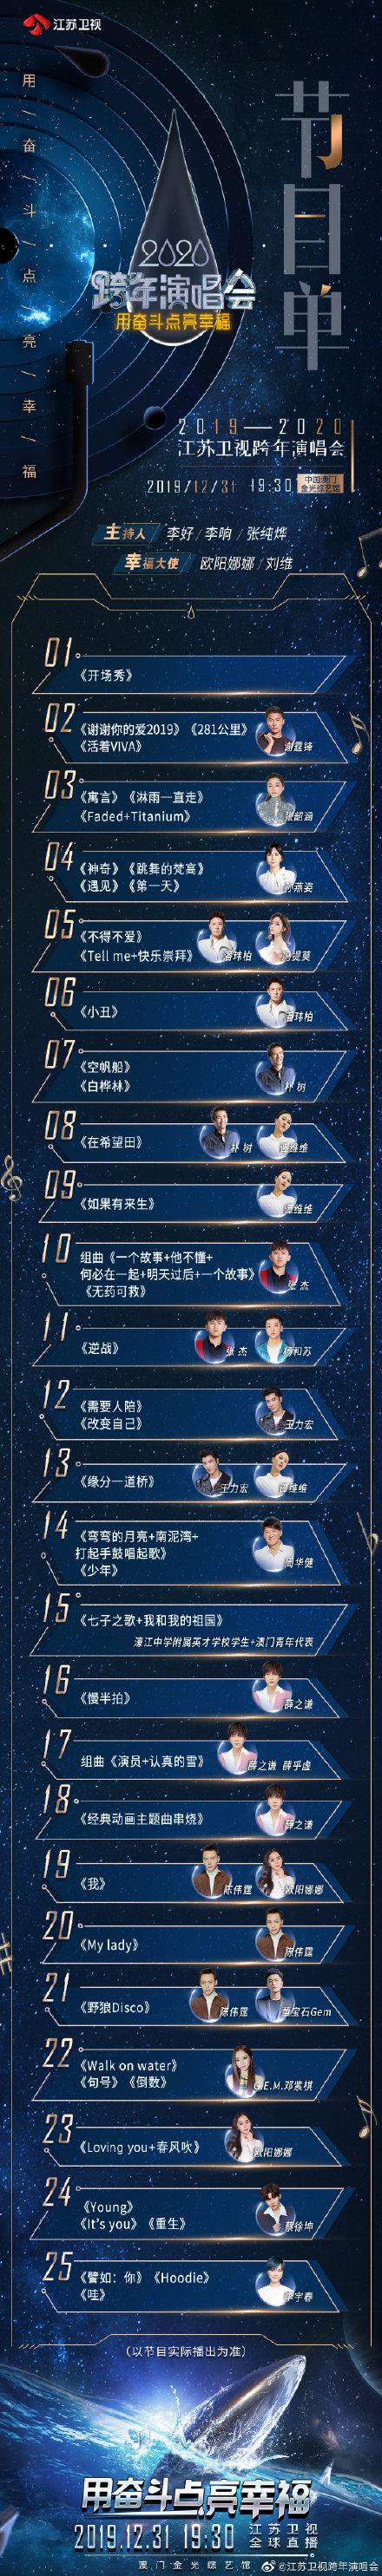 191231 江苏卫视跨年演唱会节目单出炉 蔡徐坤携三首歌曲登台献唱